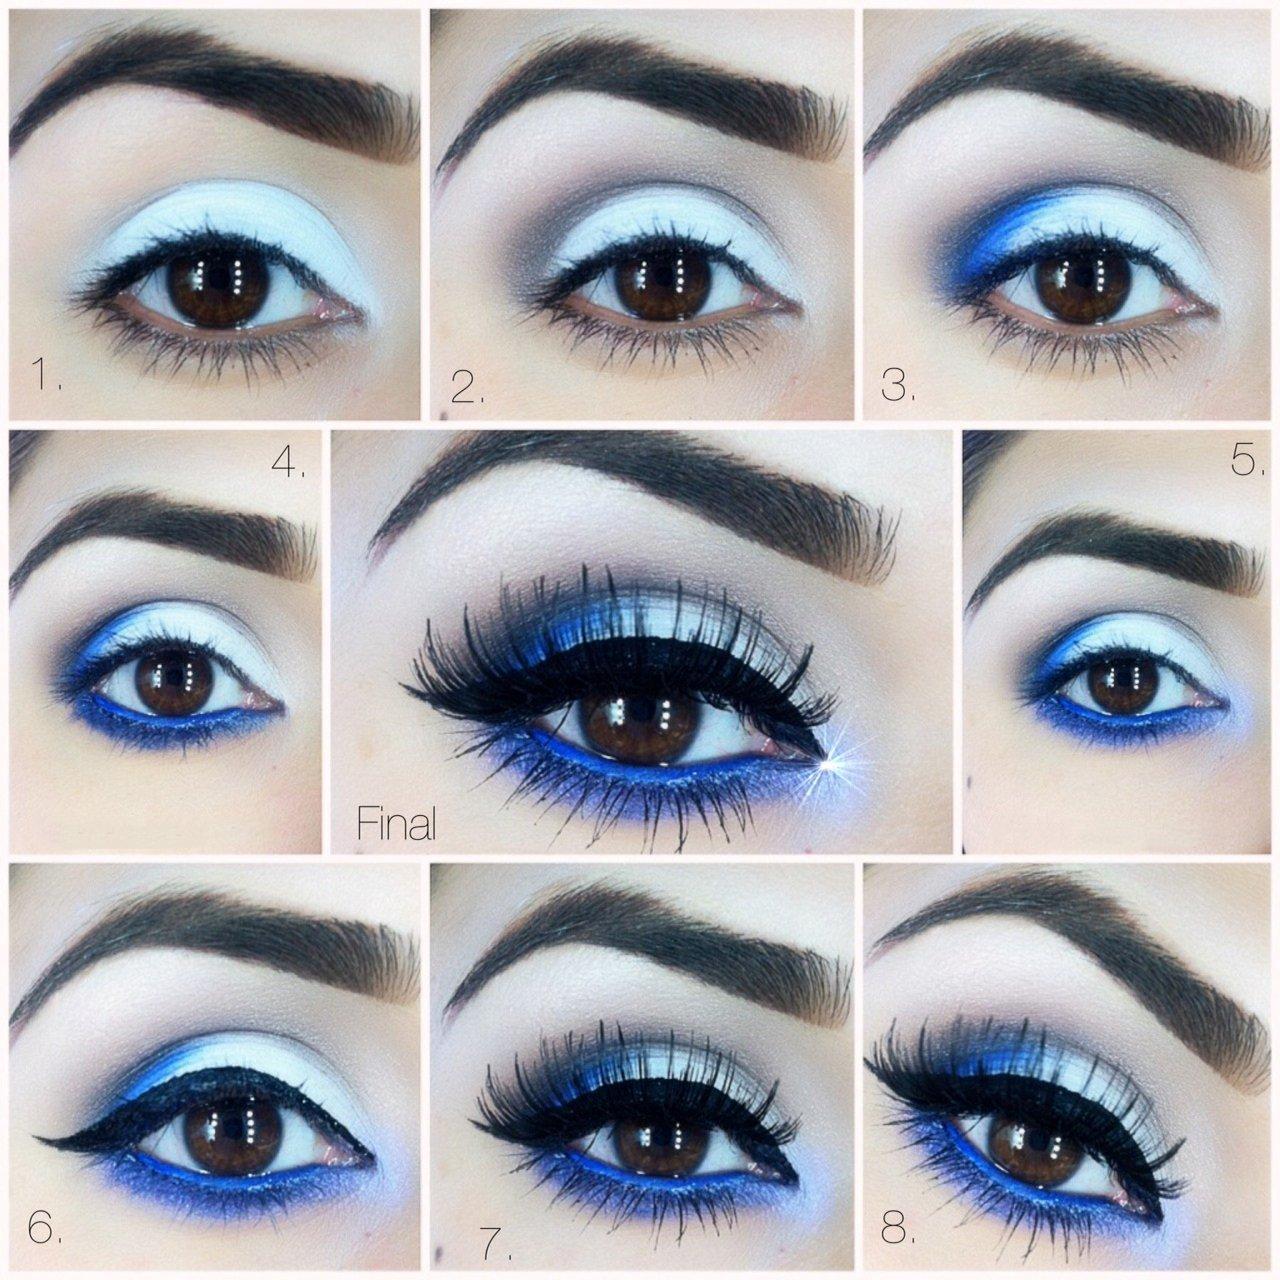 20 tutoriales de maquillaje de noche que te encantar n - Ojos ahumados para principiantes ...